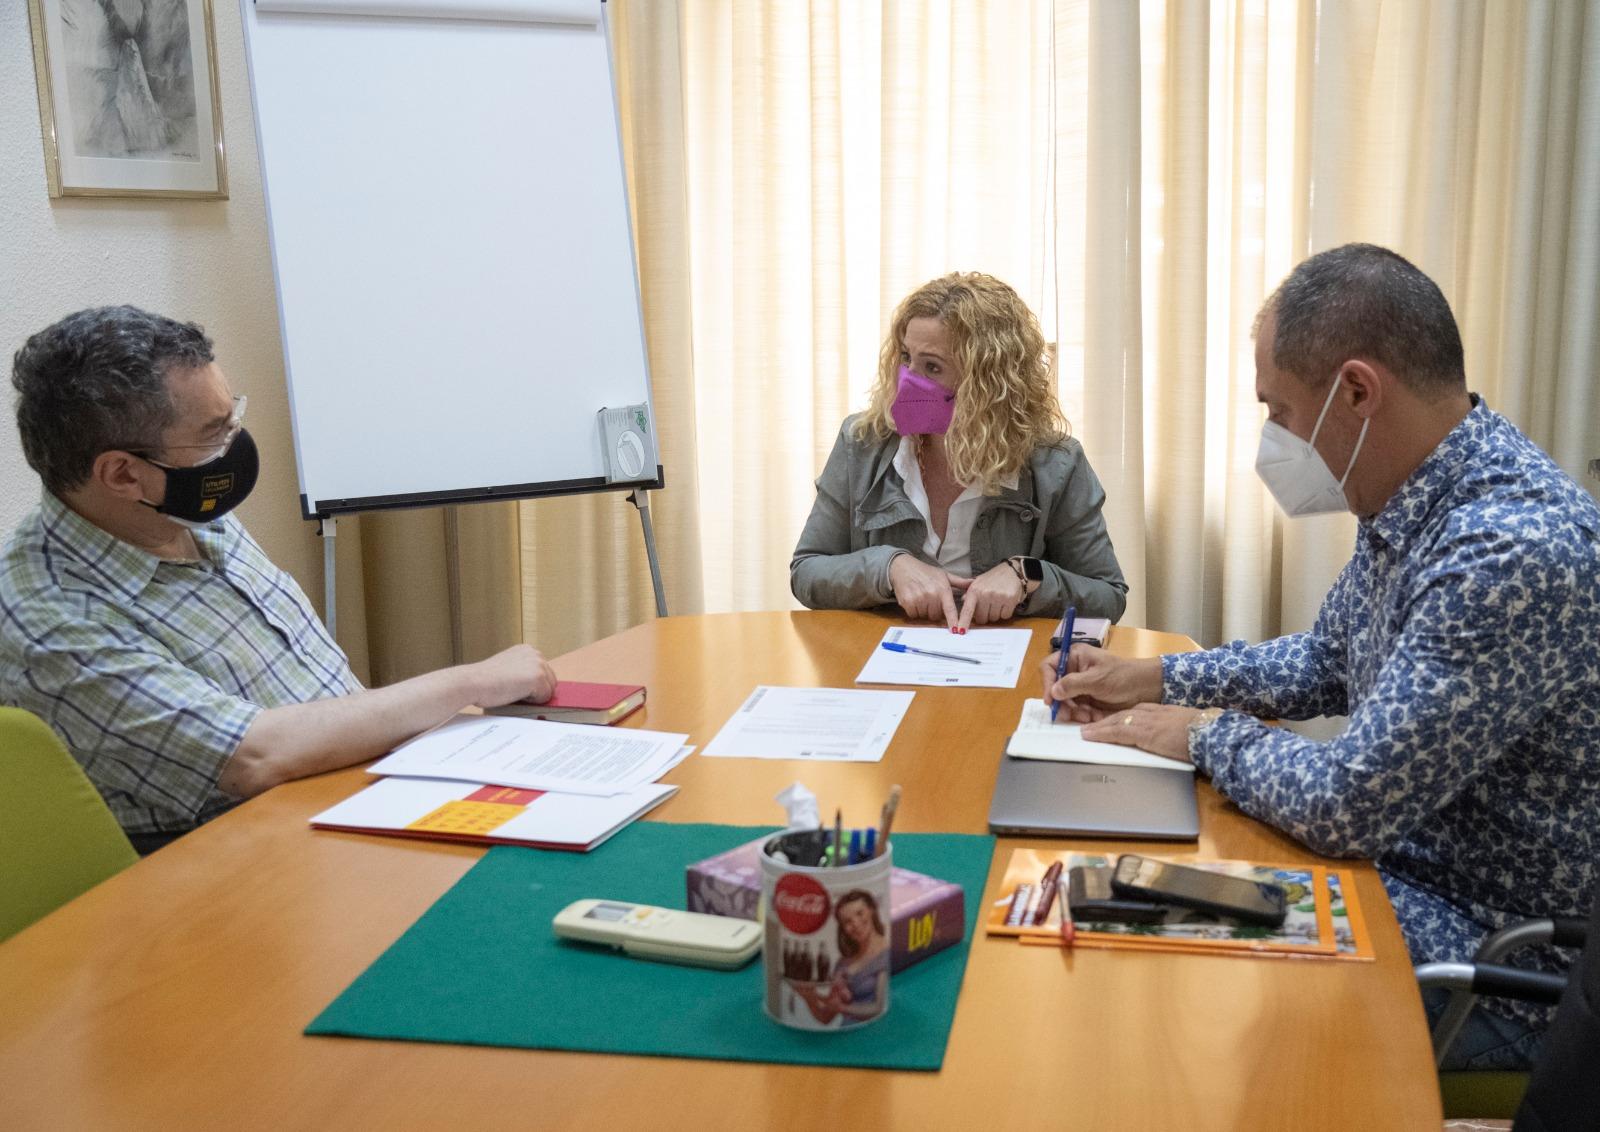 Reunión de la diputada, Virginia Martí, con representantes de la Plataforma per la Llengua